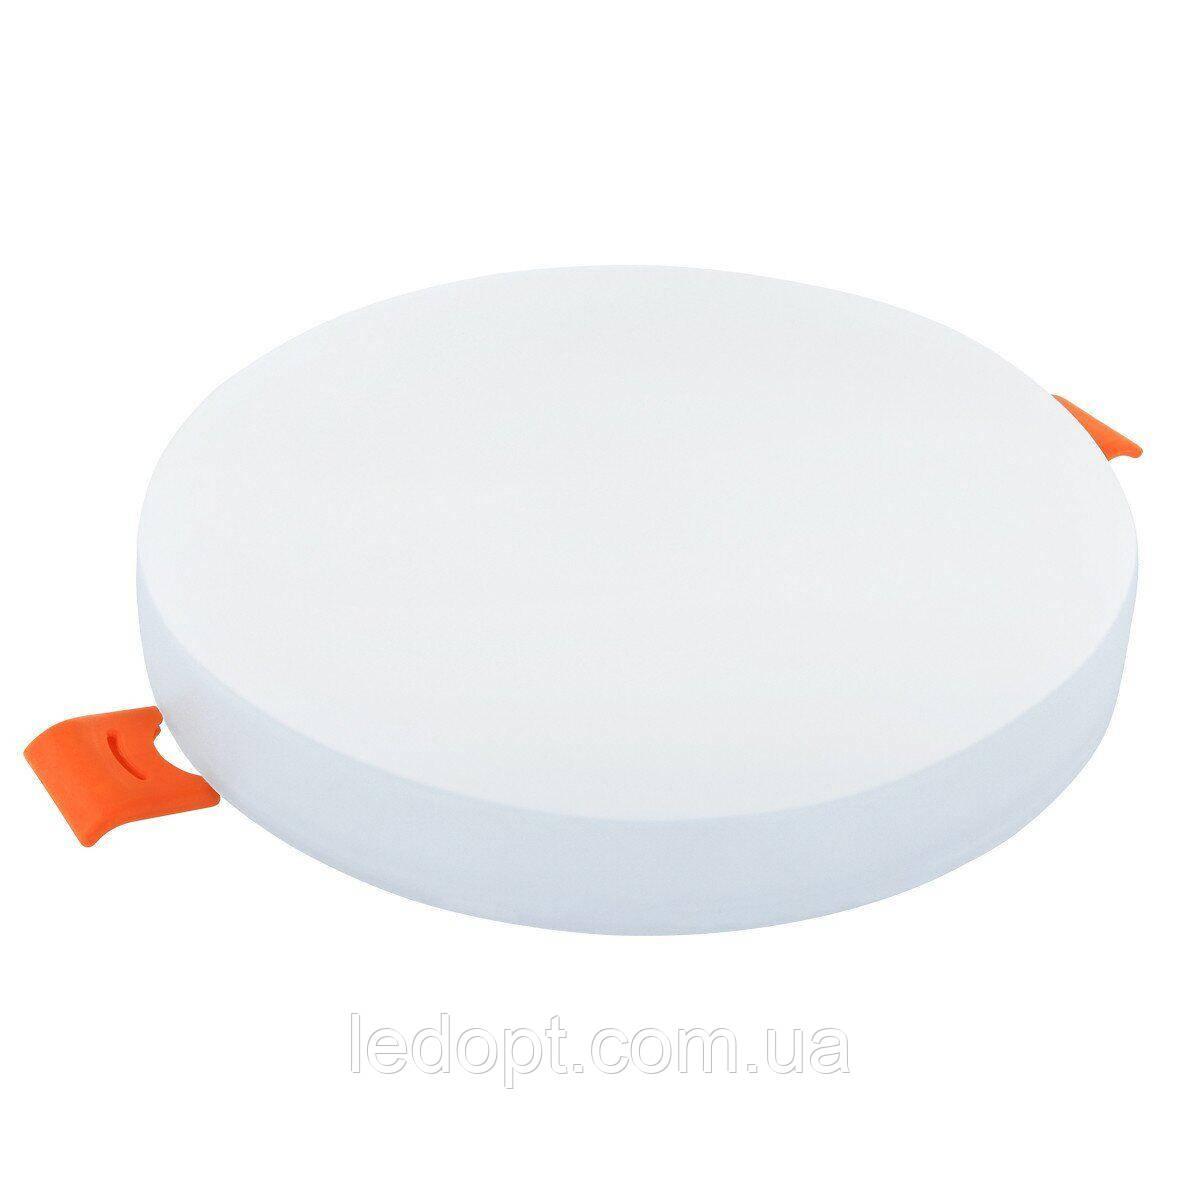 Світильник світлодіодний Biom UNI-R12W-5 12Вт круглий 5000К